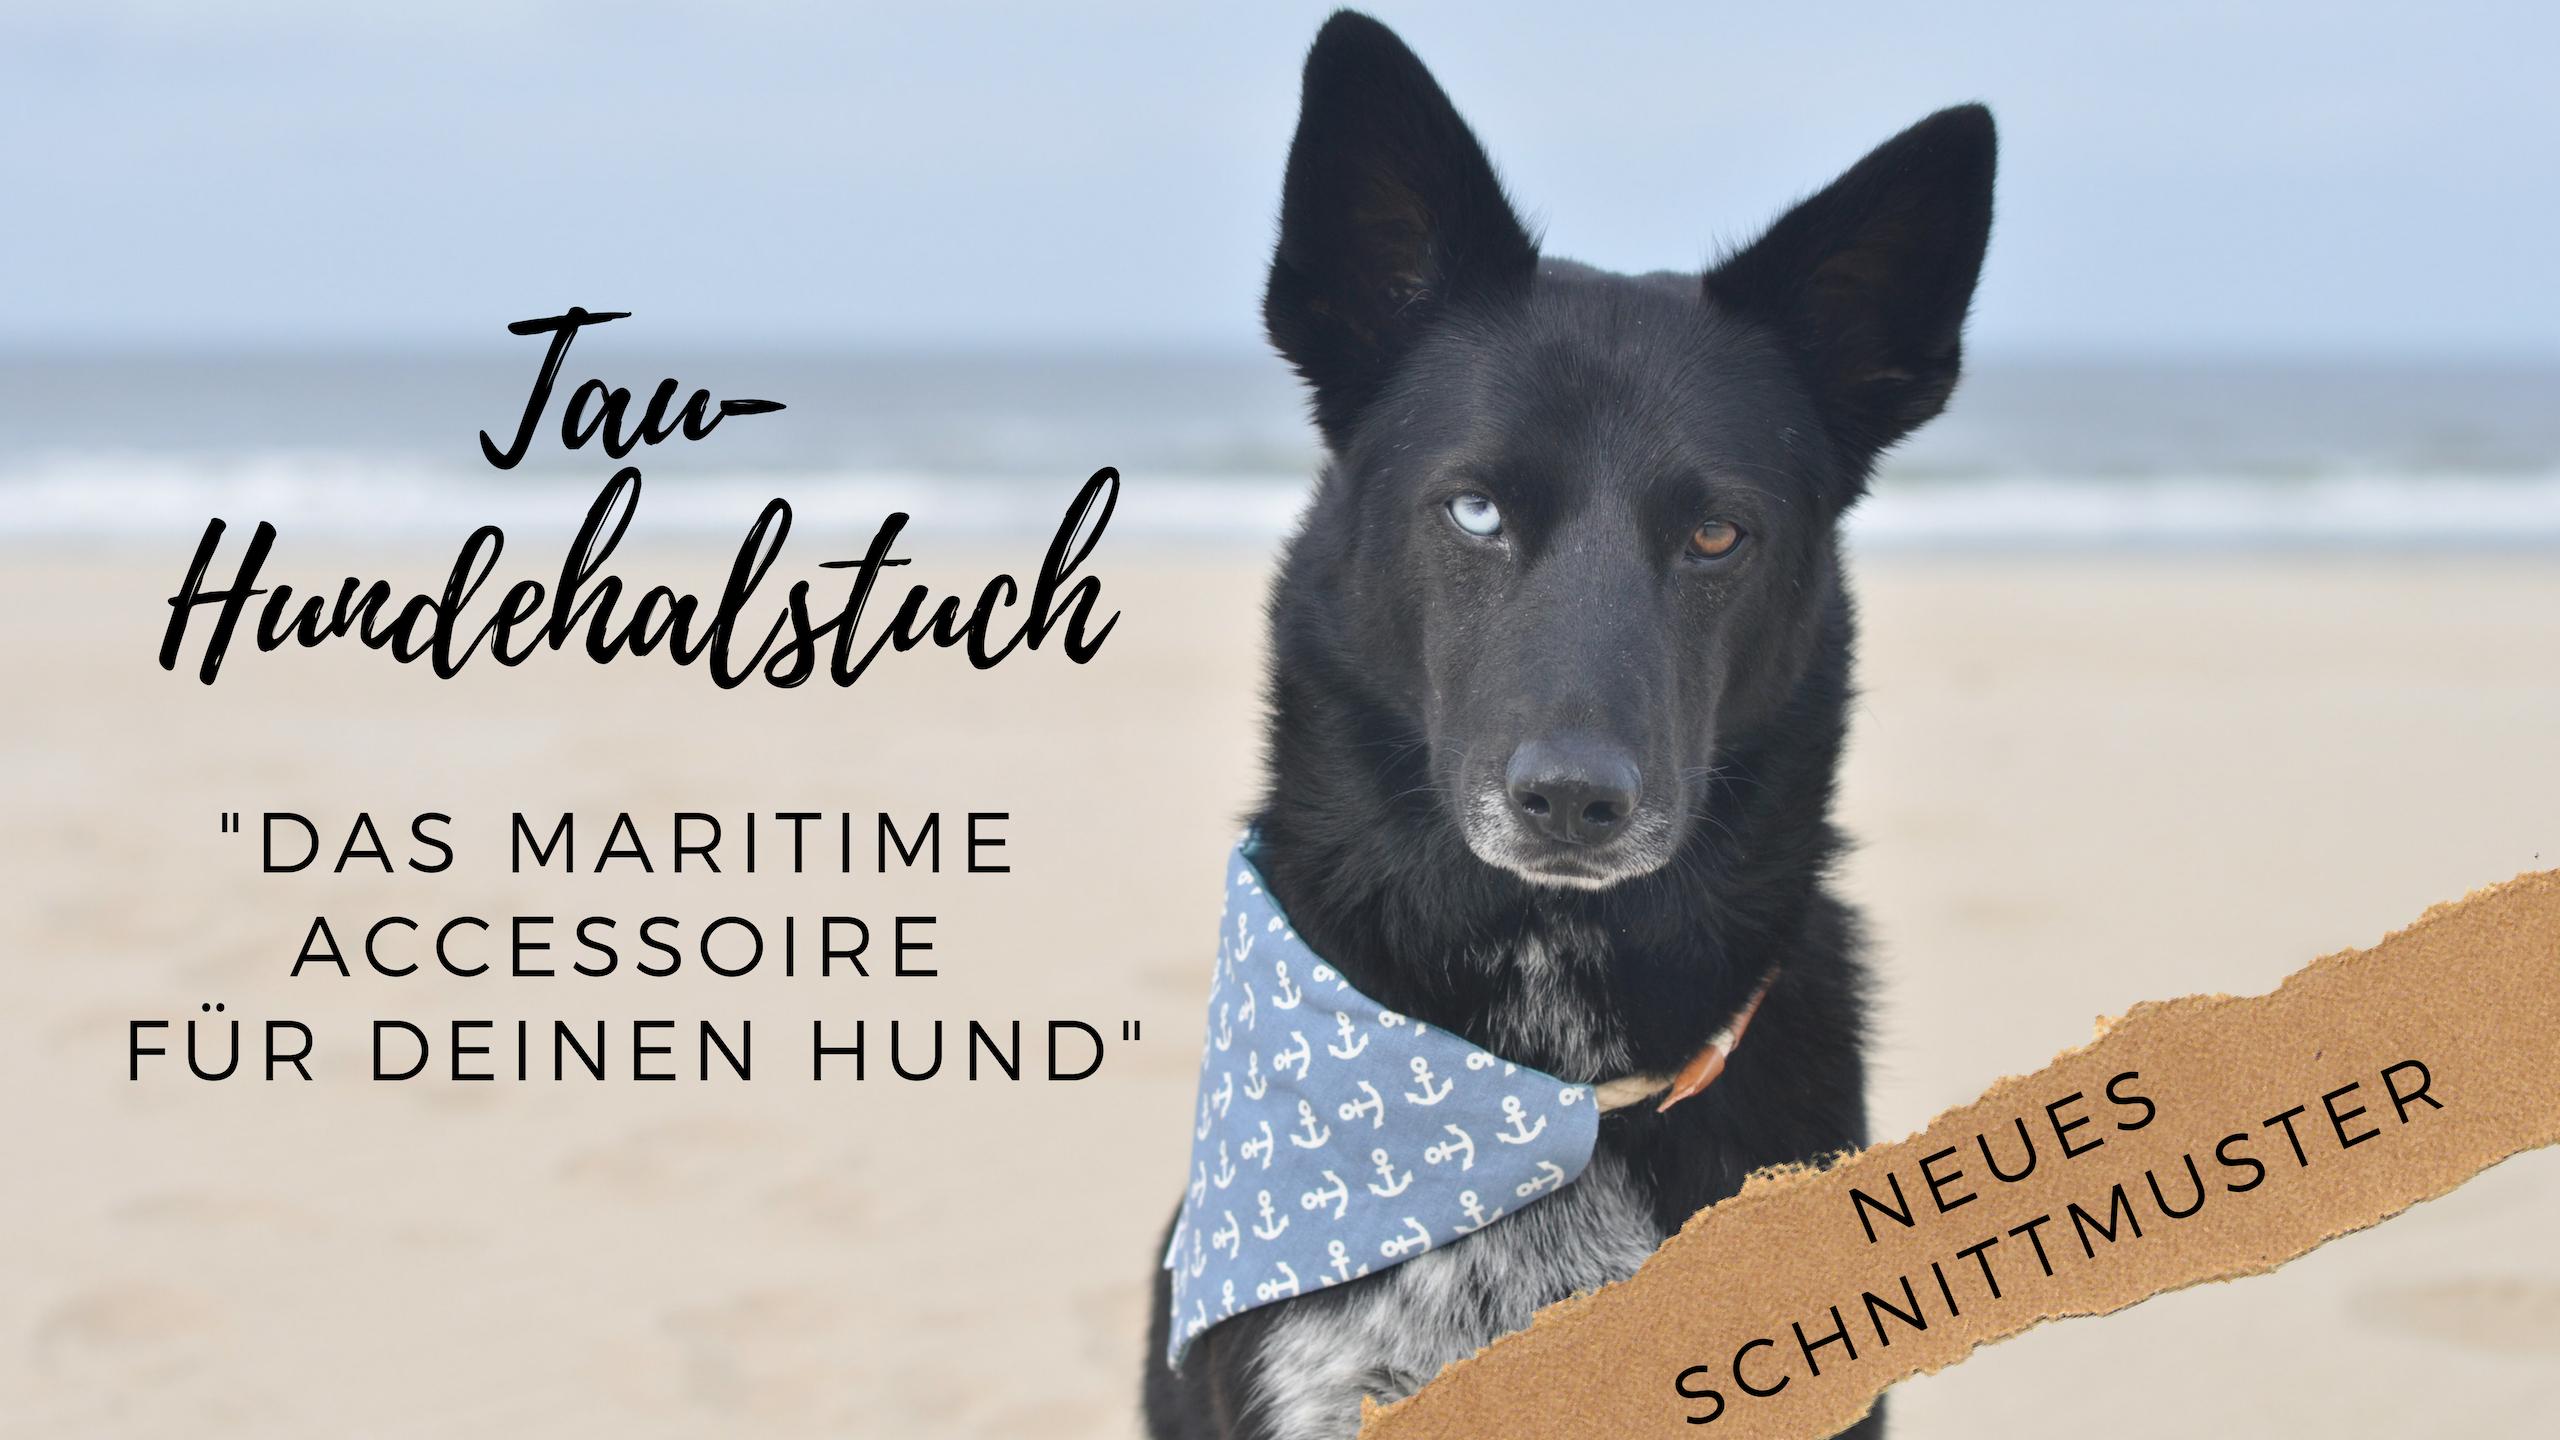 Neues Schnittmuster Tau-Hundehalstuch – Gewinne 20x das neue eBook!